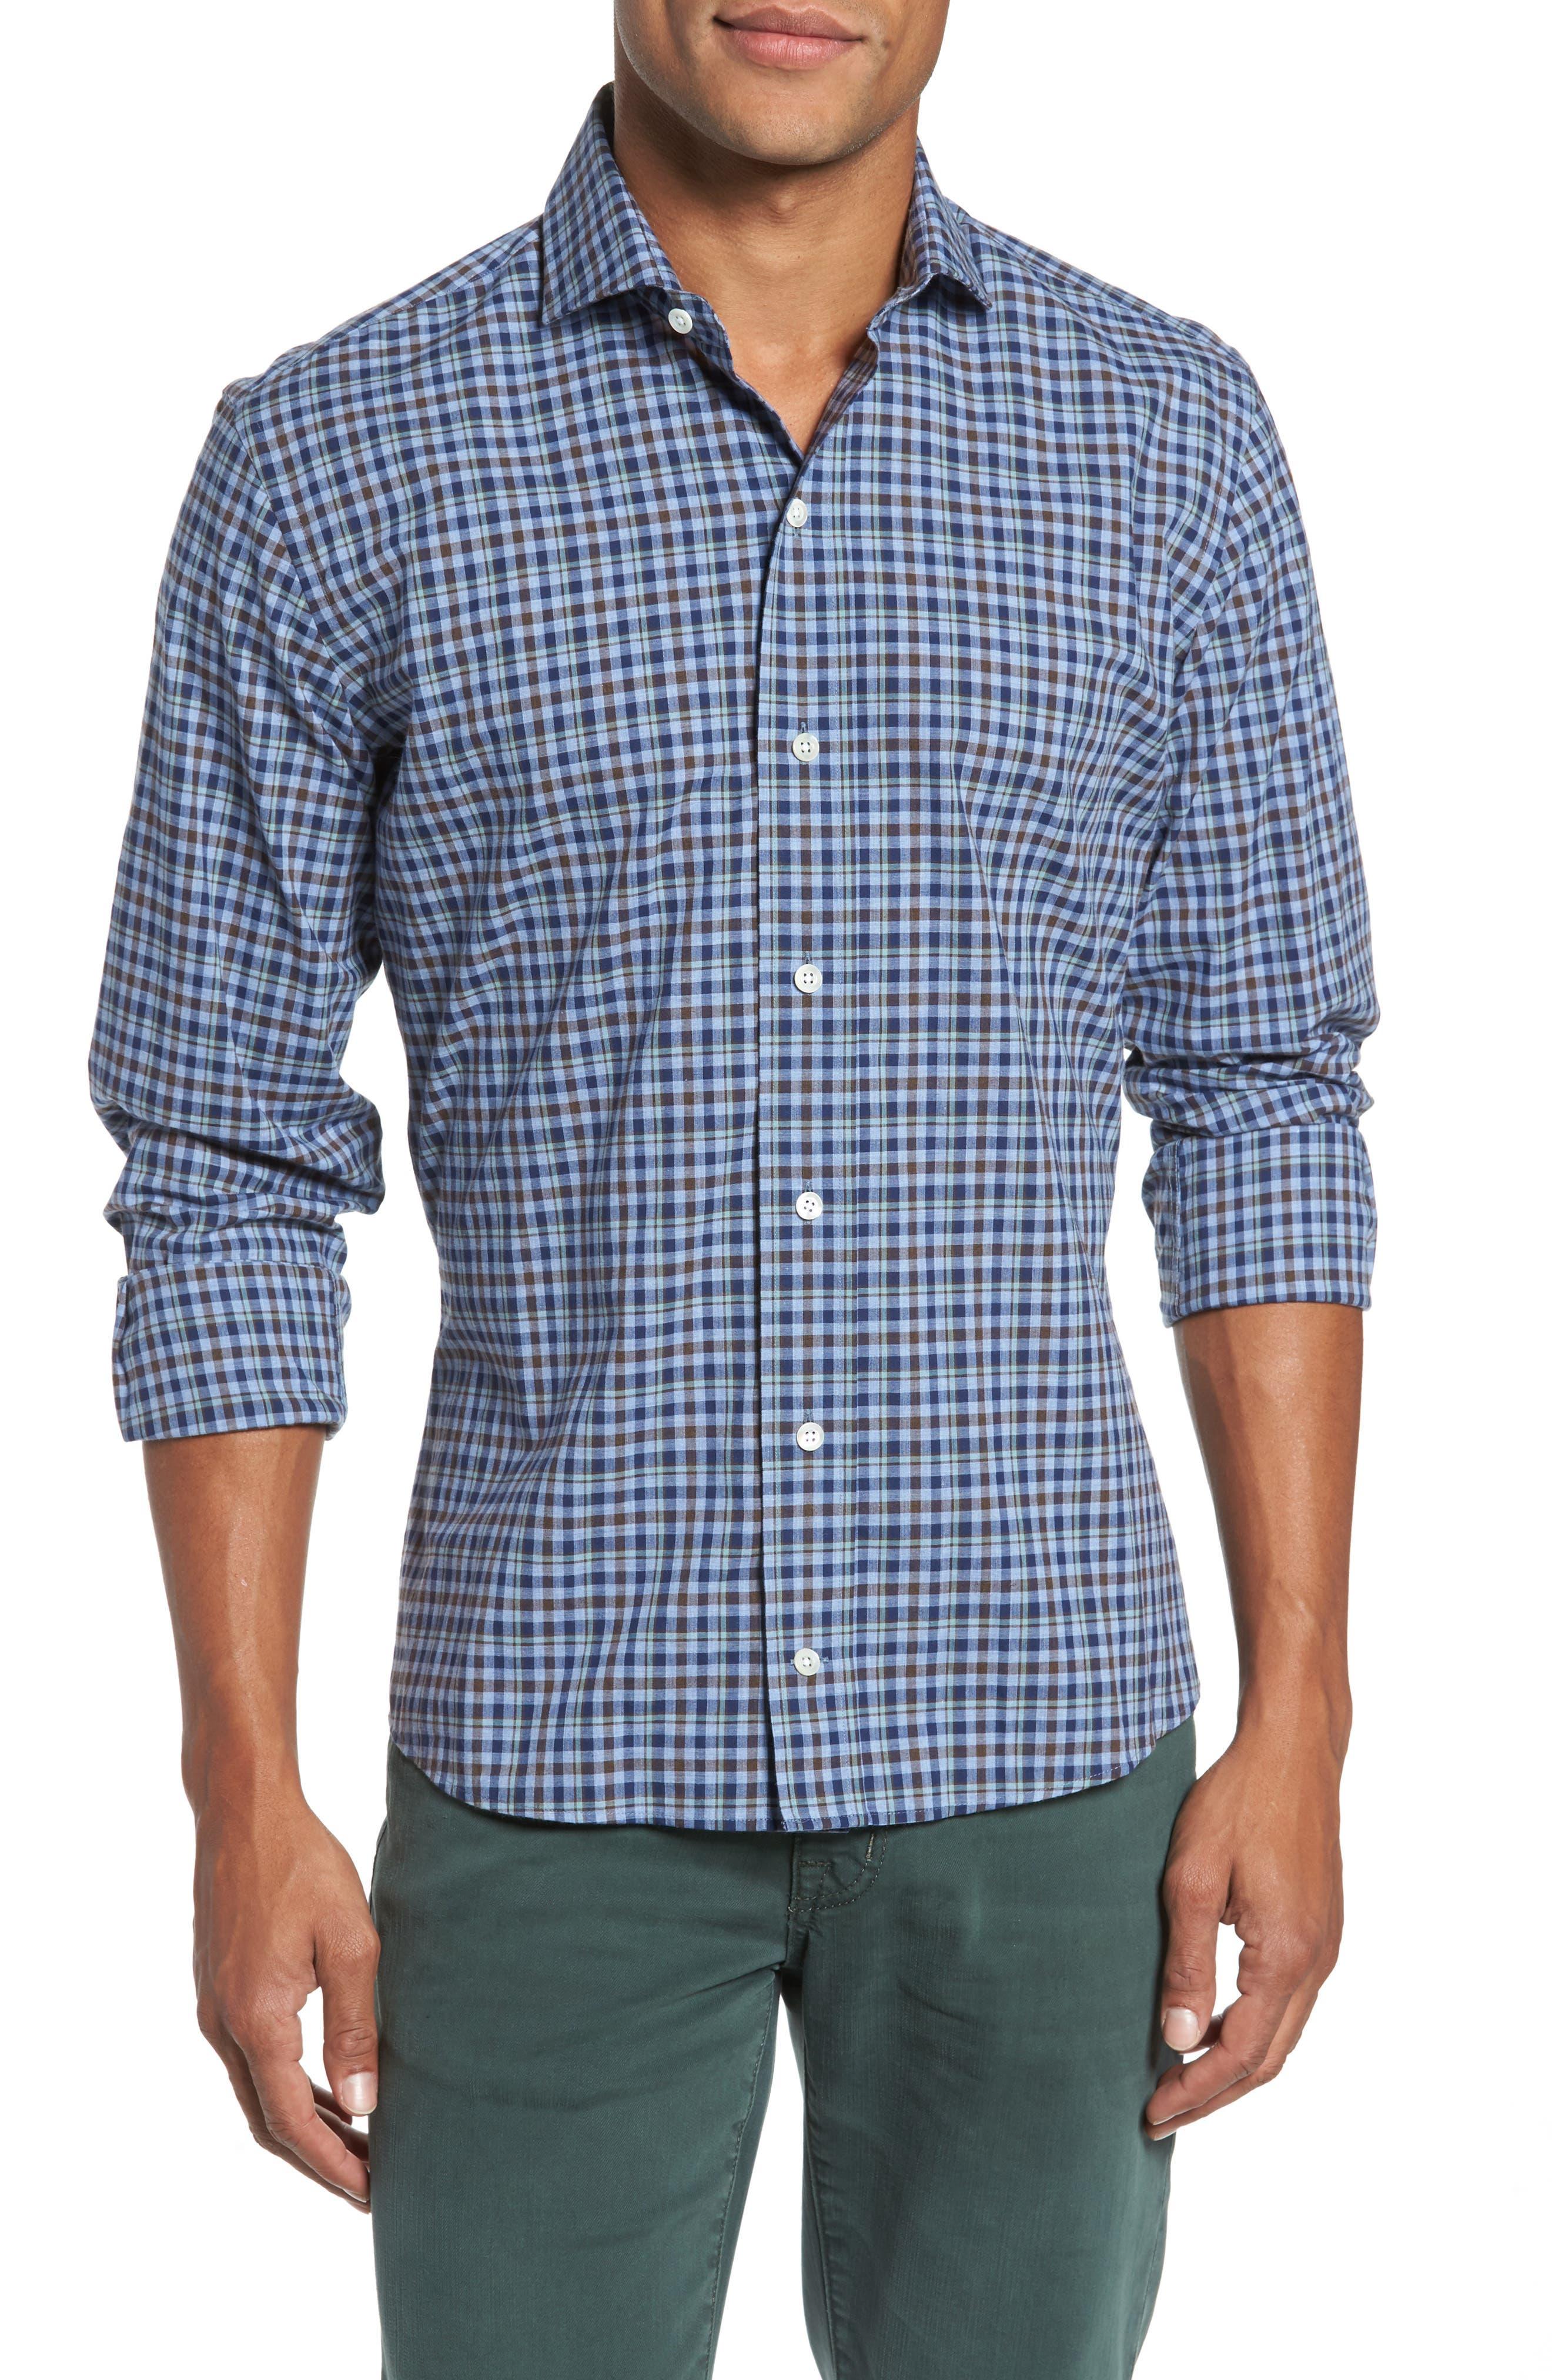 Alden Slim Fit Plaid Sport Shirt,                             Main thumbnail 1, color,                             400